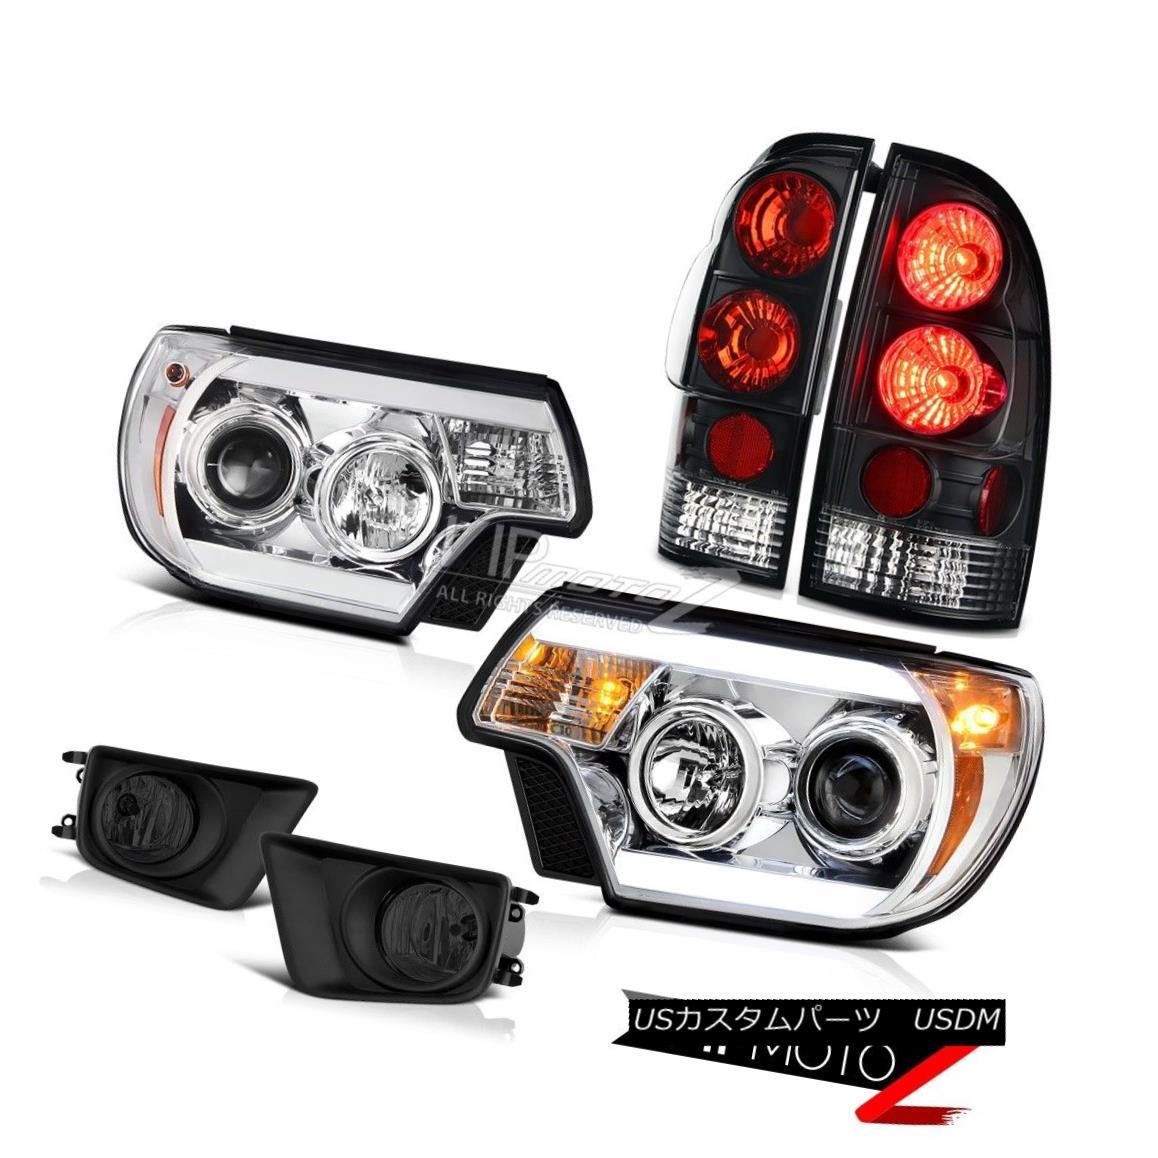 テールライト 12-15 Toyota Tacoma 4WD Fog lights euro clear headlamps tail lamps Tron Style 12-15トヨタタコマ4WDフォグライトユーロクリアヘッドライトテールランプトロンスタイル